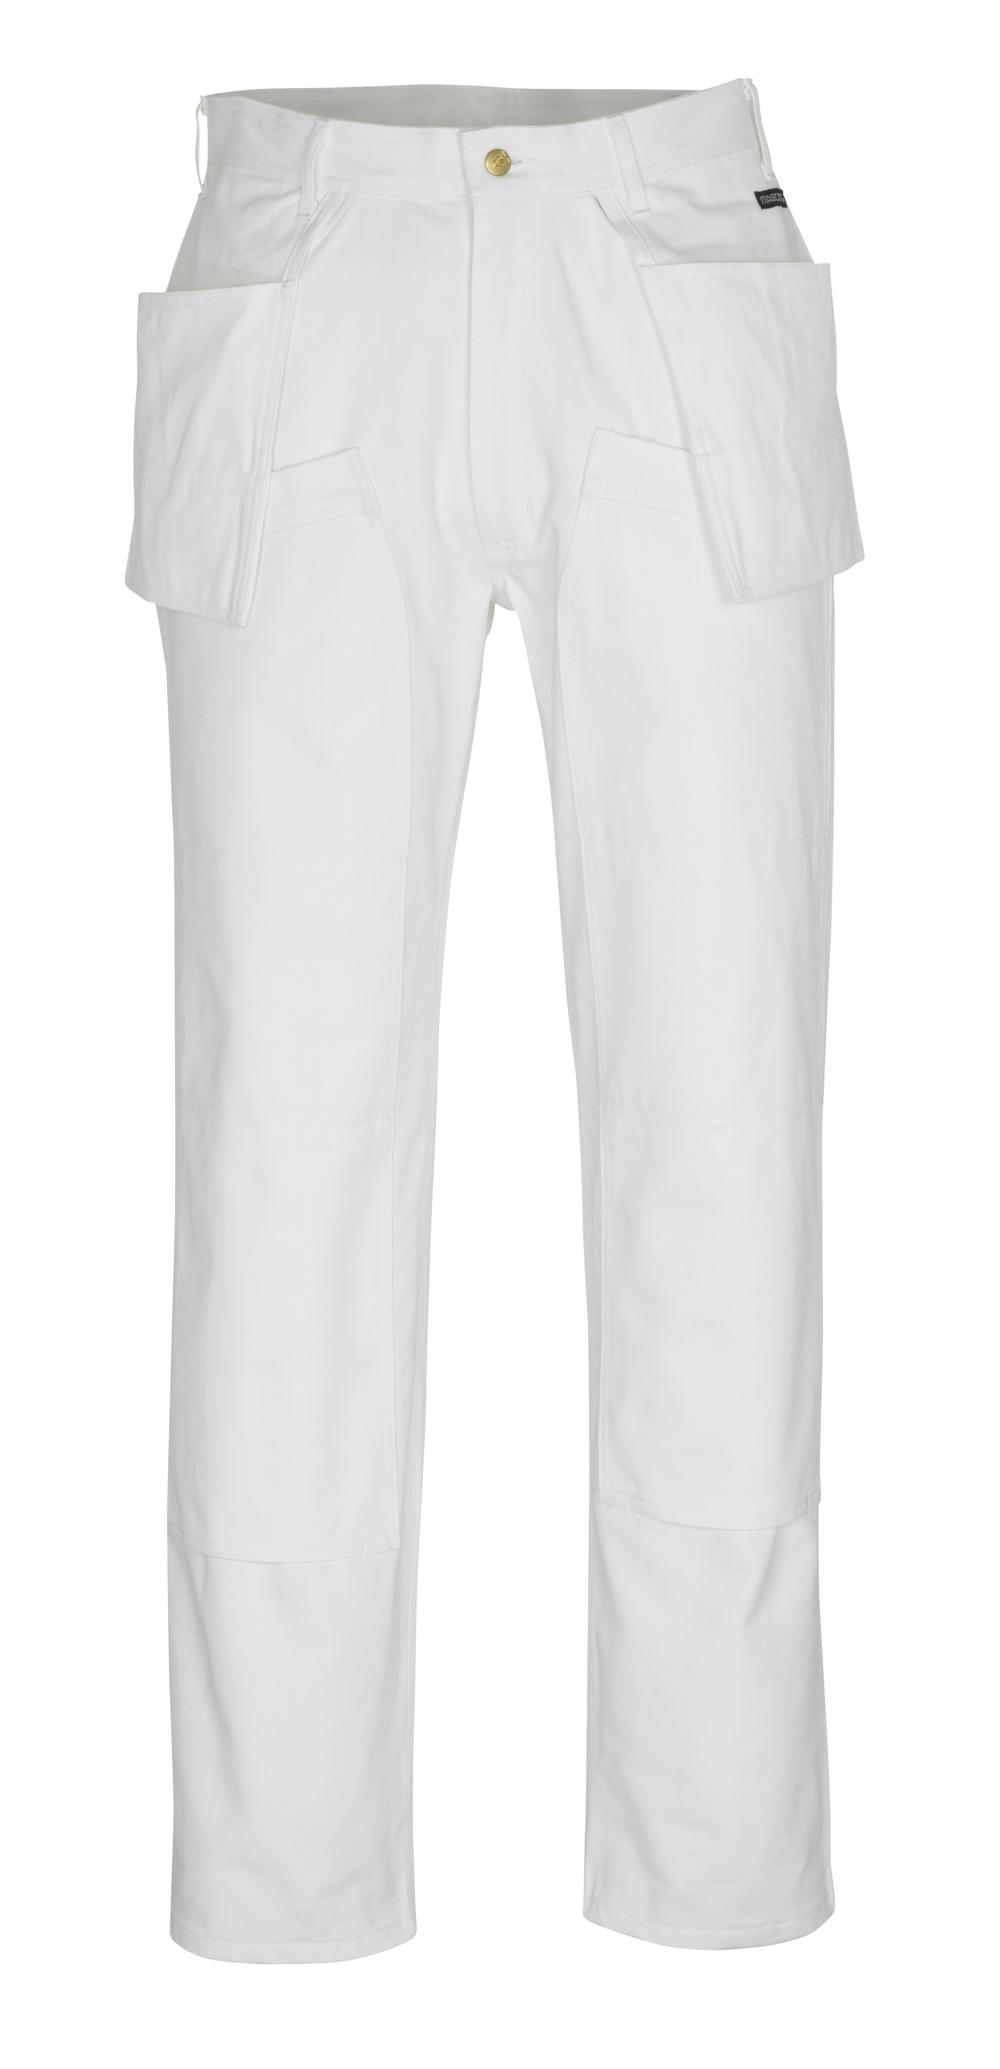 00538-630-06 Pantaloni con tasche porta-ginocchiere e tasche esterne - bianco